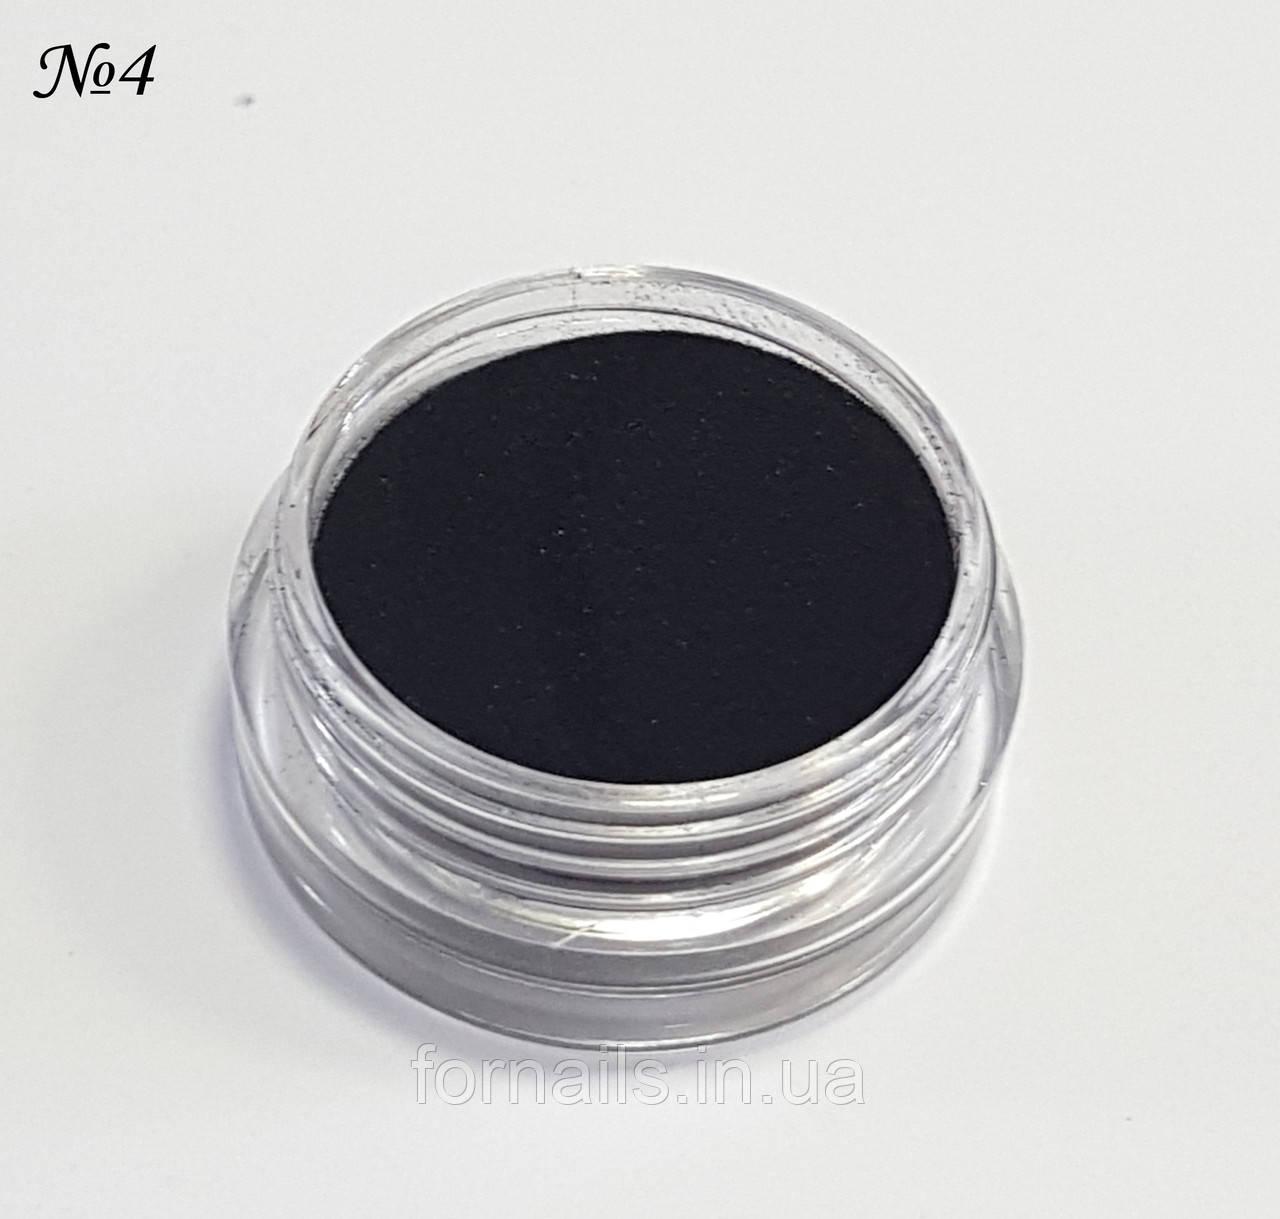 Акриловая пудра №4 (черная)